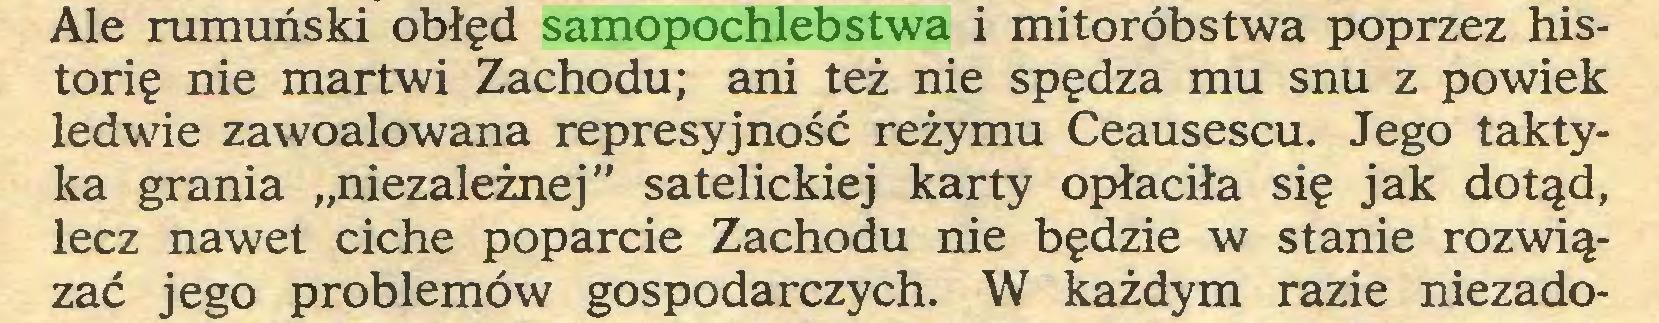 """(...) Ale rumuński obłęd samopochlebstwa i mitoróbstwa poprzez historię nie martwi Zachodu; ani też nie spędza mu snu z powiek ledwie zawoalowana represyjność reżymu Ceausescu. Jego taktyka grania """"niezależnej"""" satelickiej karty opłaciła się jak dotąd, lecz nawet ciche poparcie Zachodu nie będzie w stanie rozwiązać jego problemów gospodarczych. W każdym razie niezado..."""